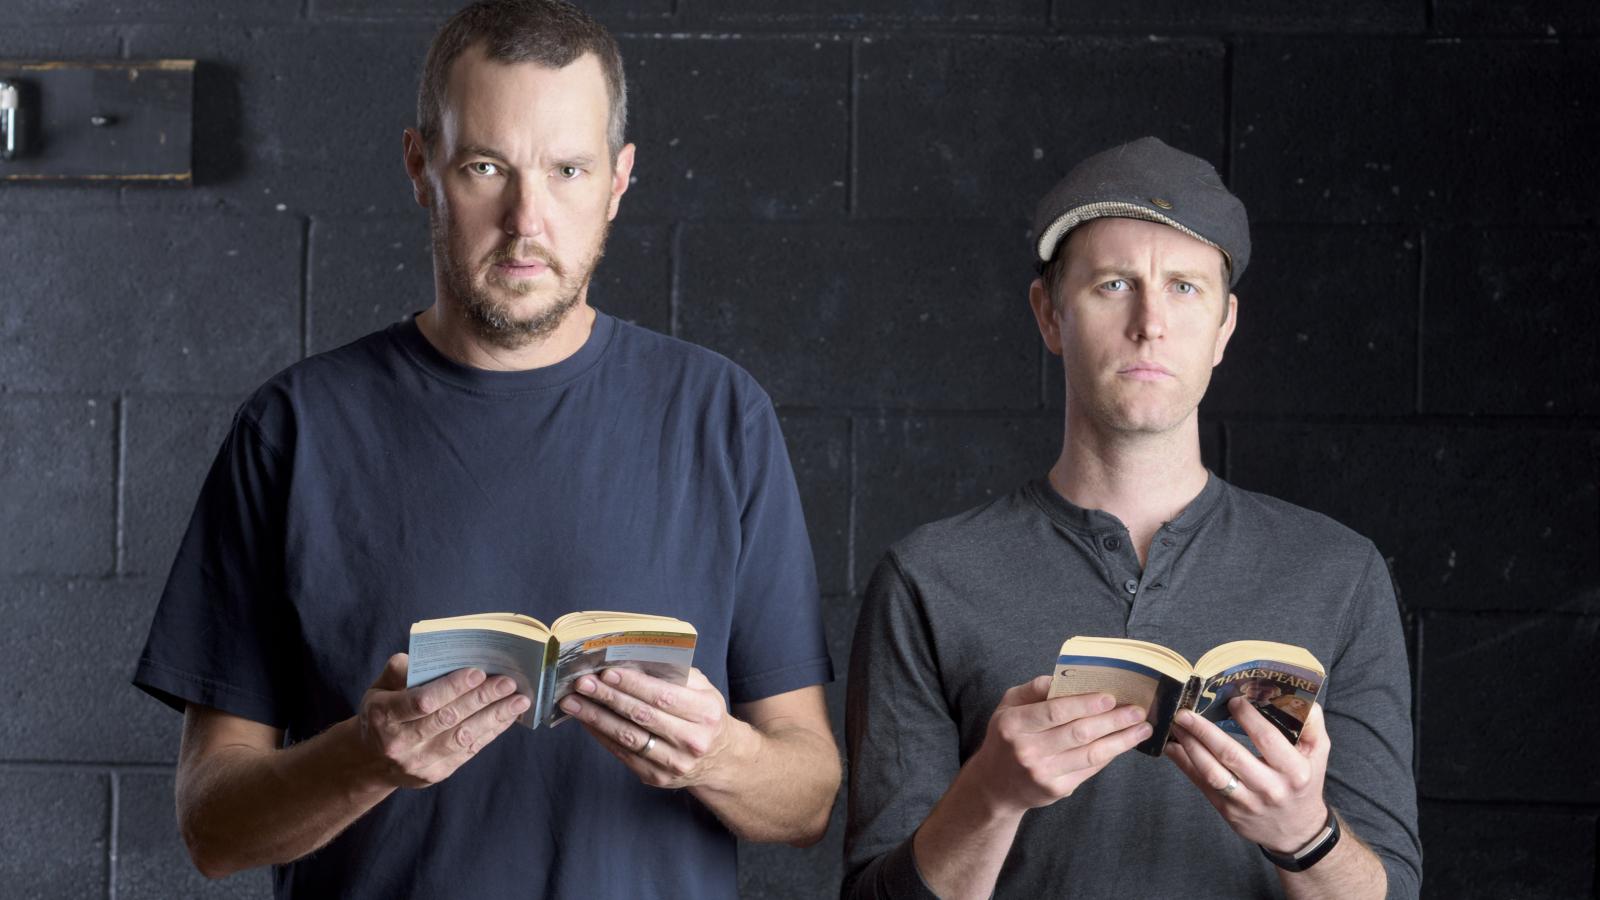 john harrell and chris johnston rosencrantz and guildenstern are dead american shakespeare center